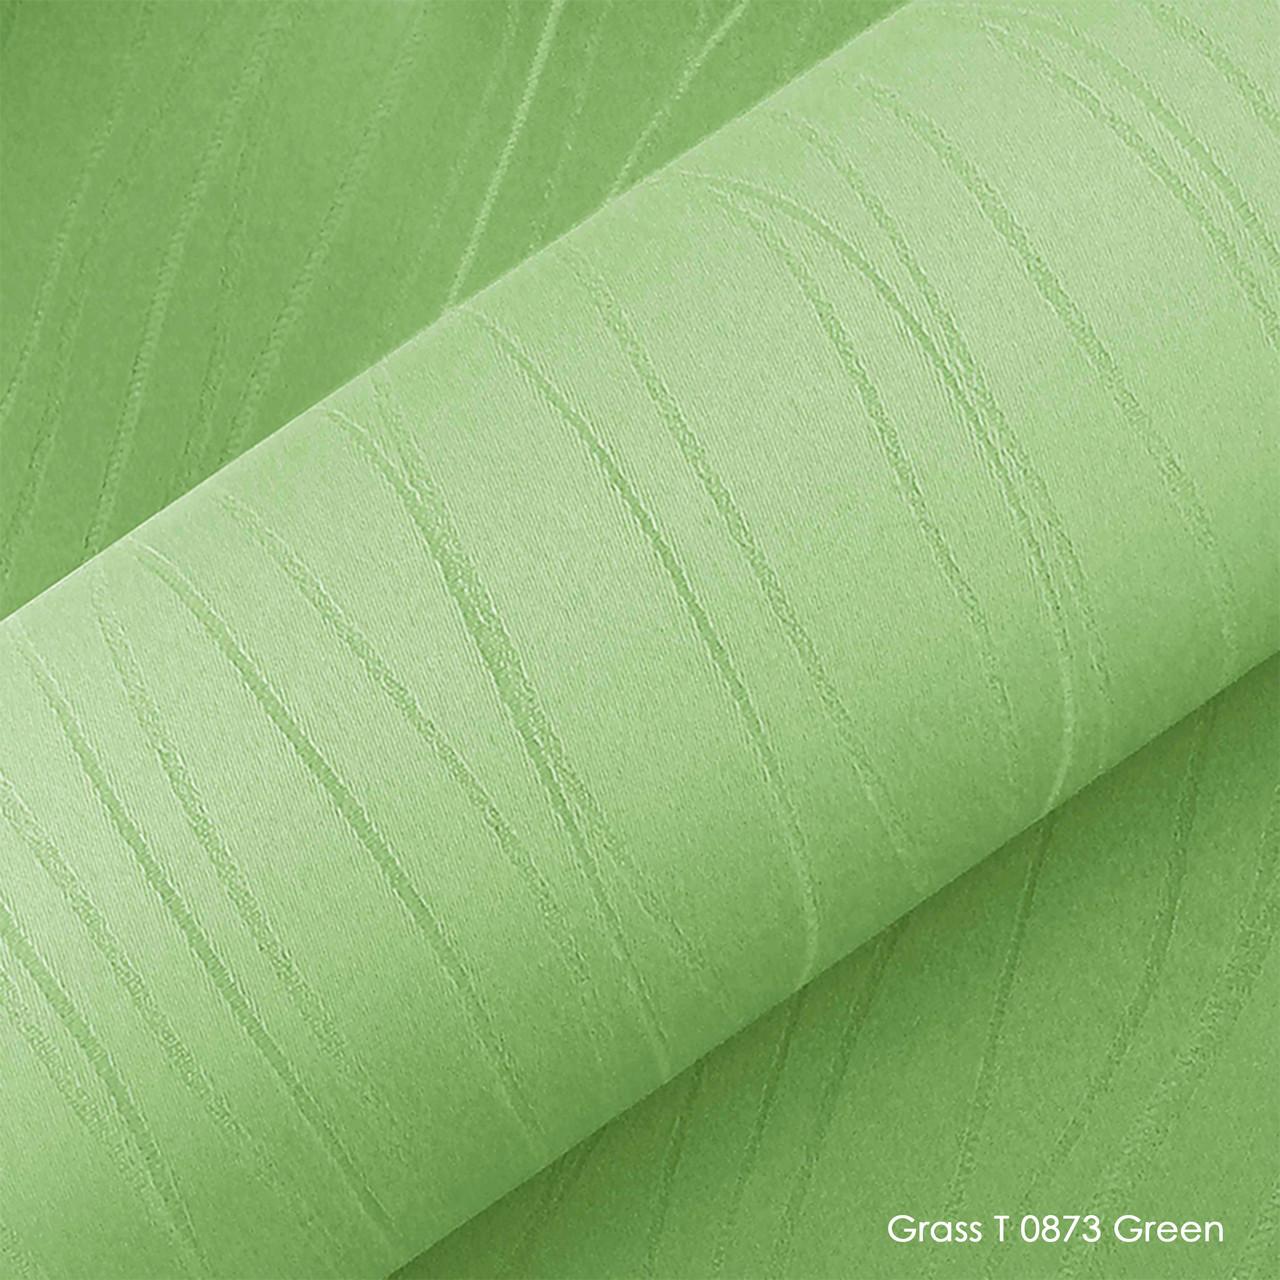 GrassT0873 Green